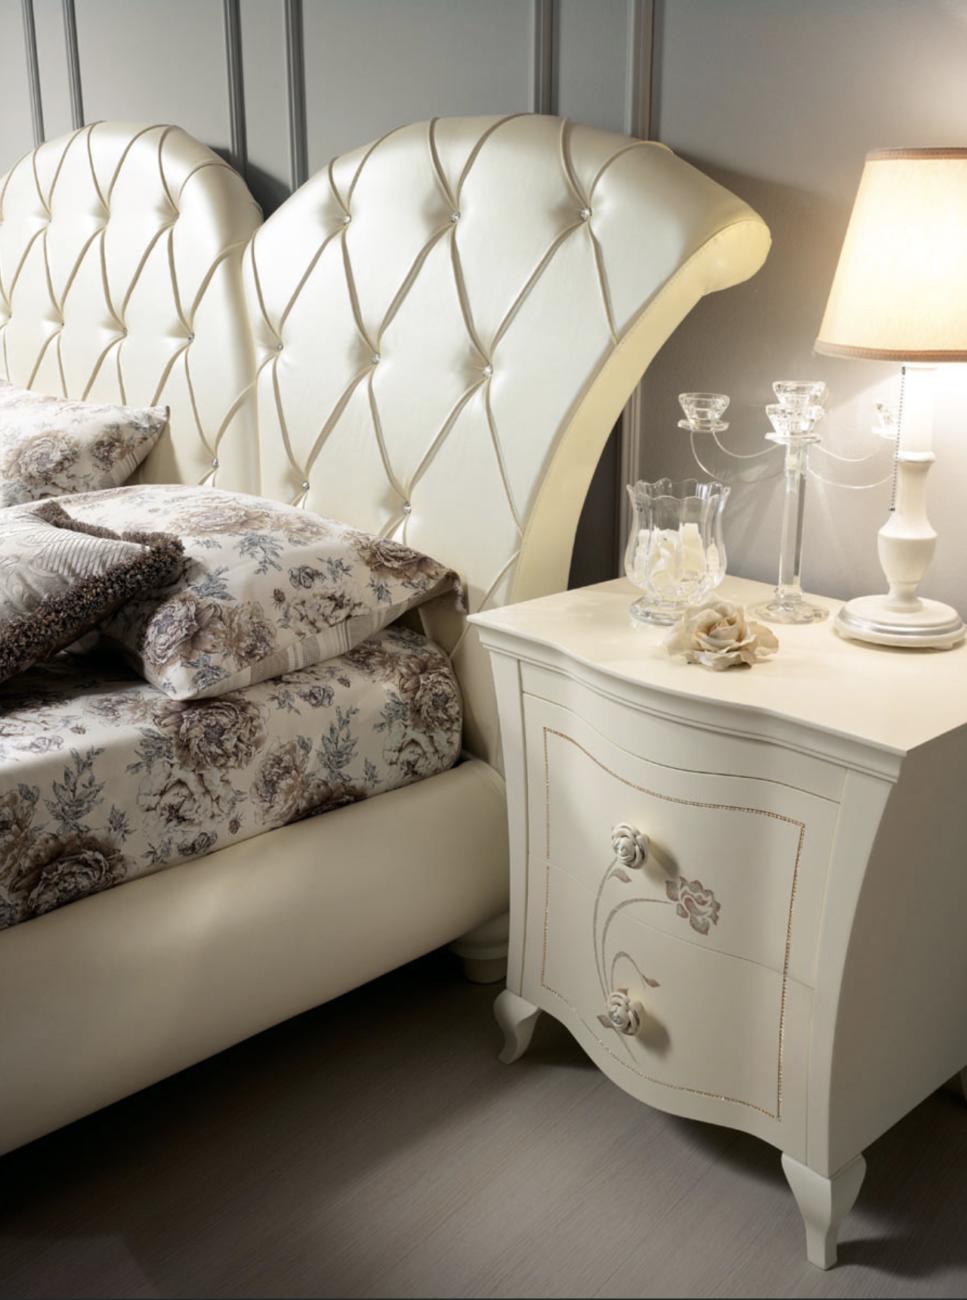 Camera da letto C36 Prestige - Spar - Gruppo Inventa ...